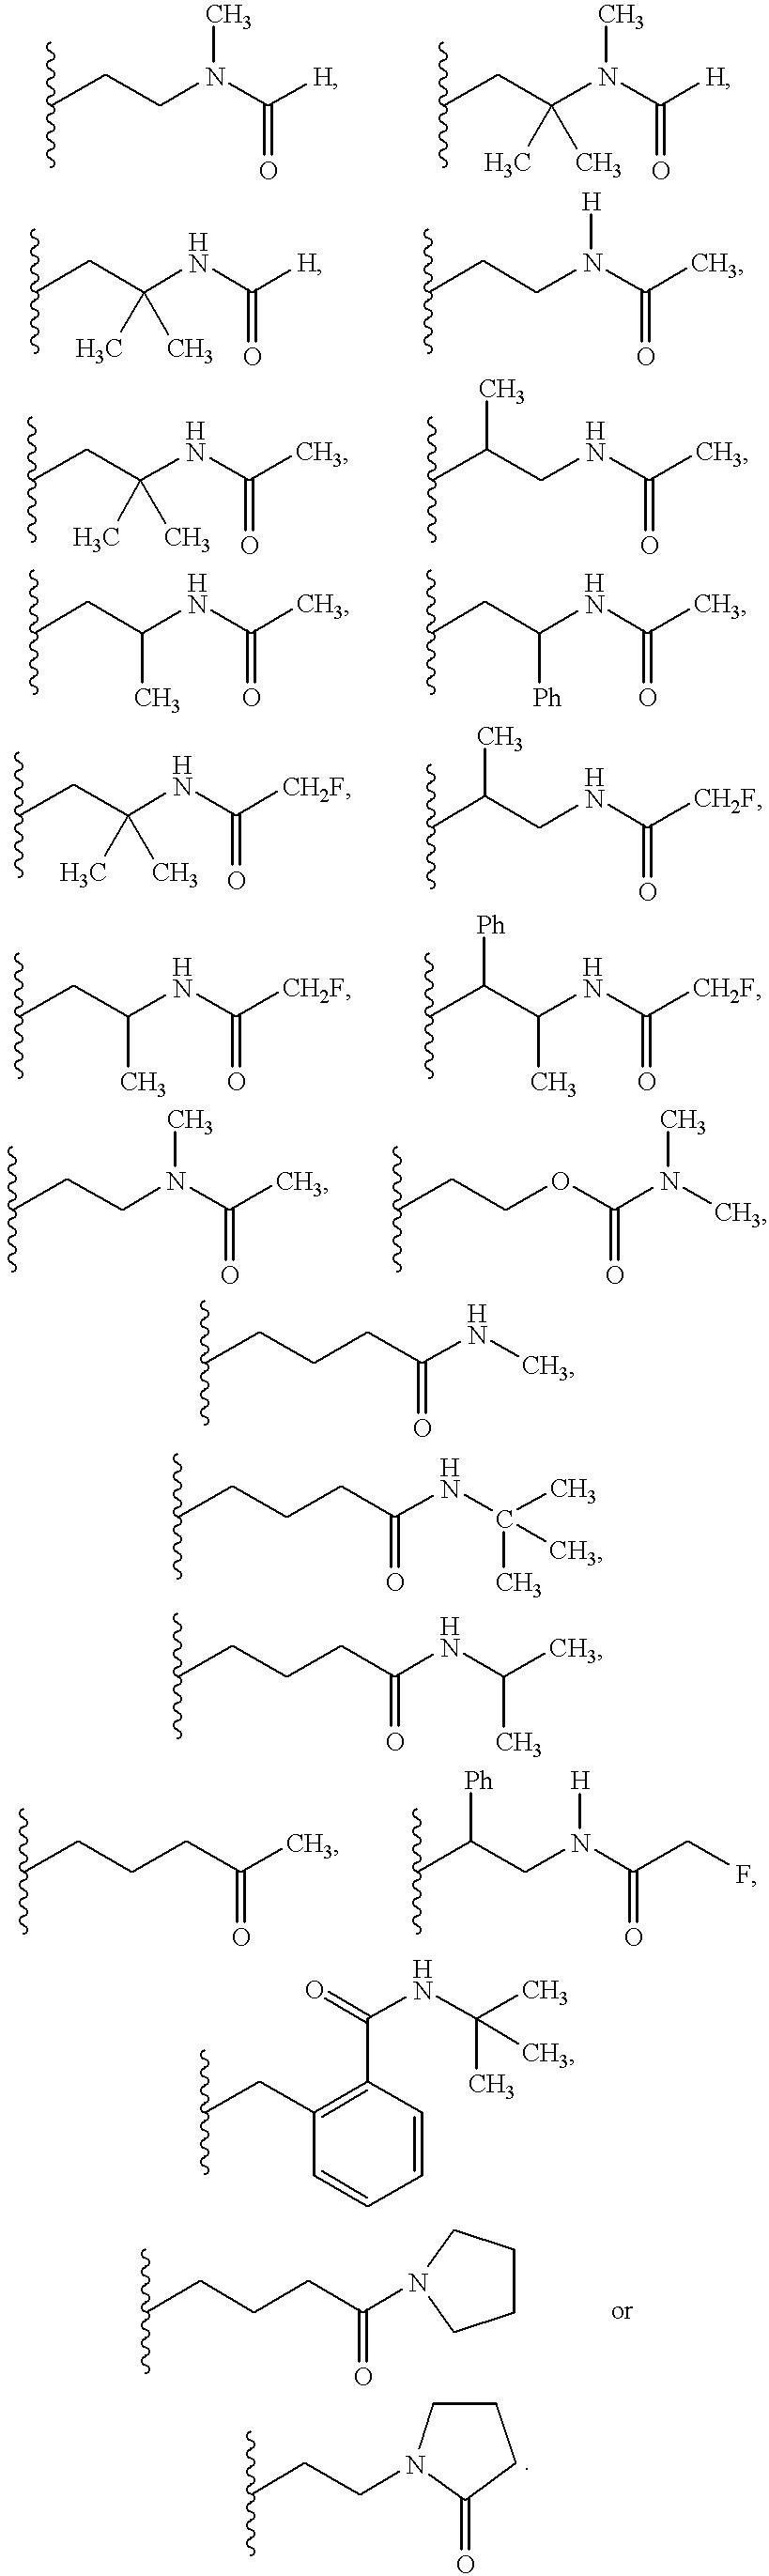 Figure US06762298-20040713-C00045